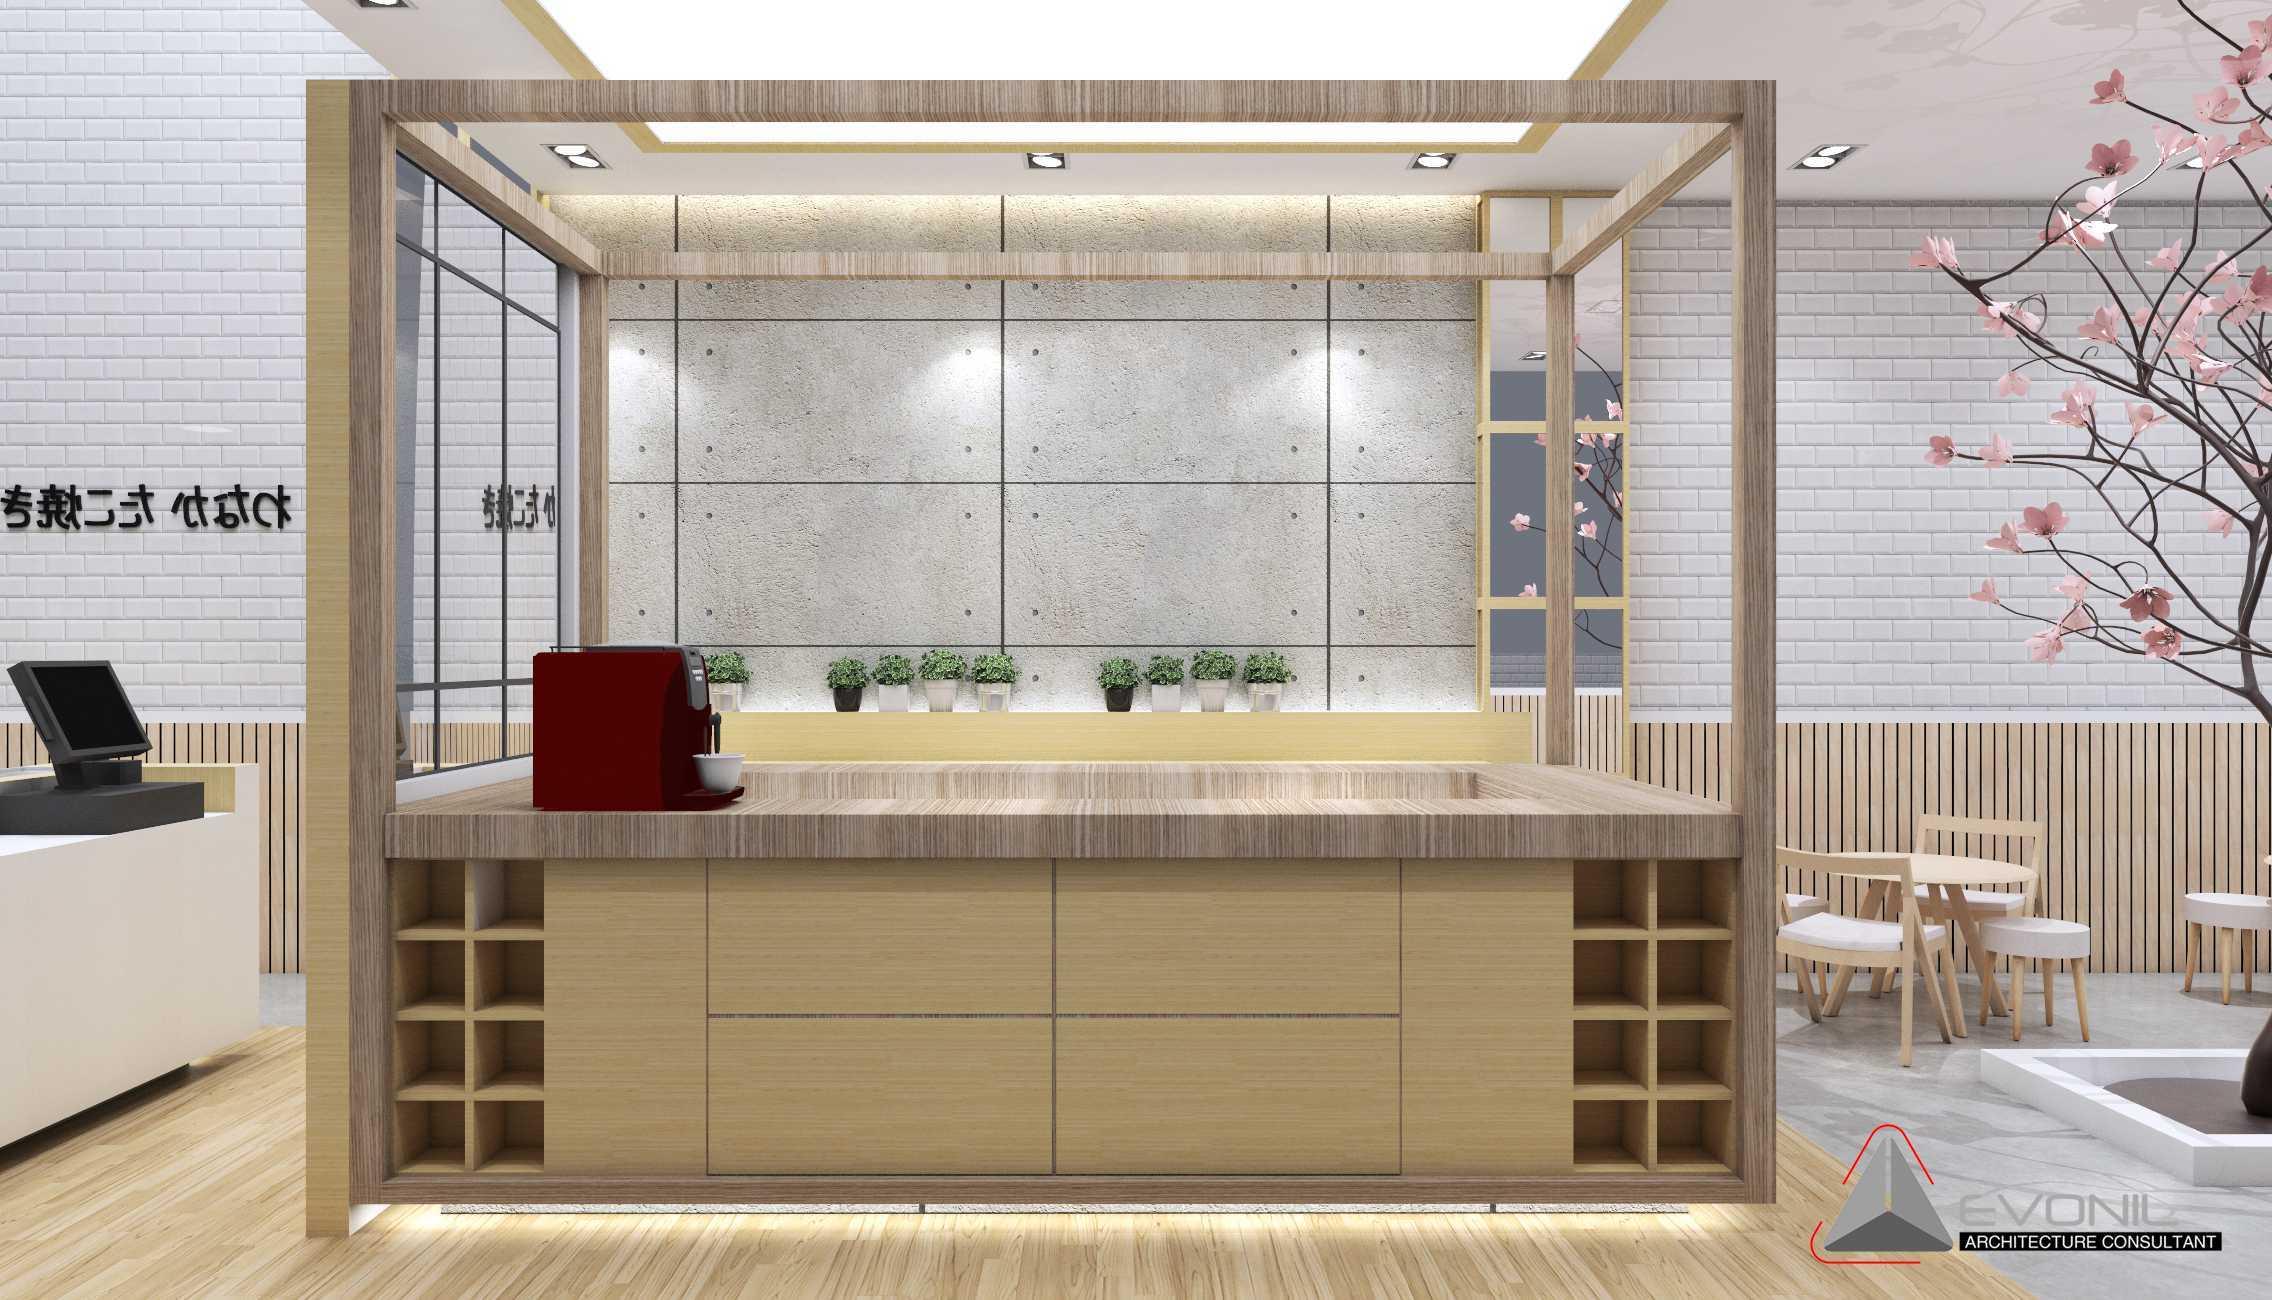 Evonil Architecture Coffee Shop - Pantai Indah Kapuk Jakarta, Daerah Khusus Ibukota Jakarta, Indonesia Jakarta, Daerah Khusus Ibukota Jakarta, Indonesia Evonil-Architecture-Coffee-Shop-Pantai-Indah-Kapuk   77973